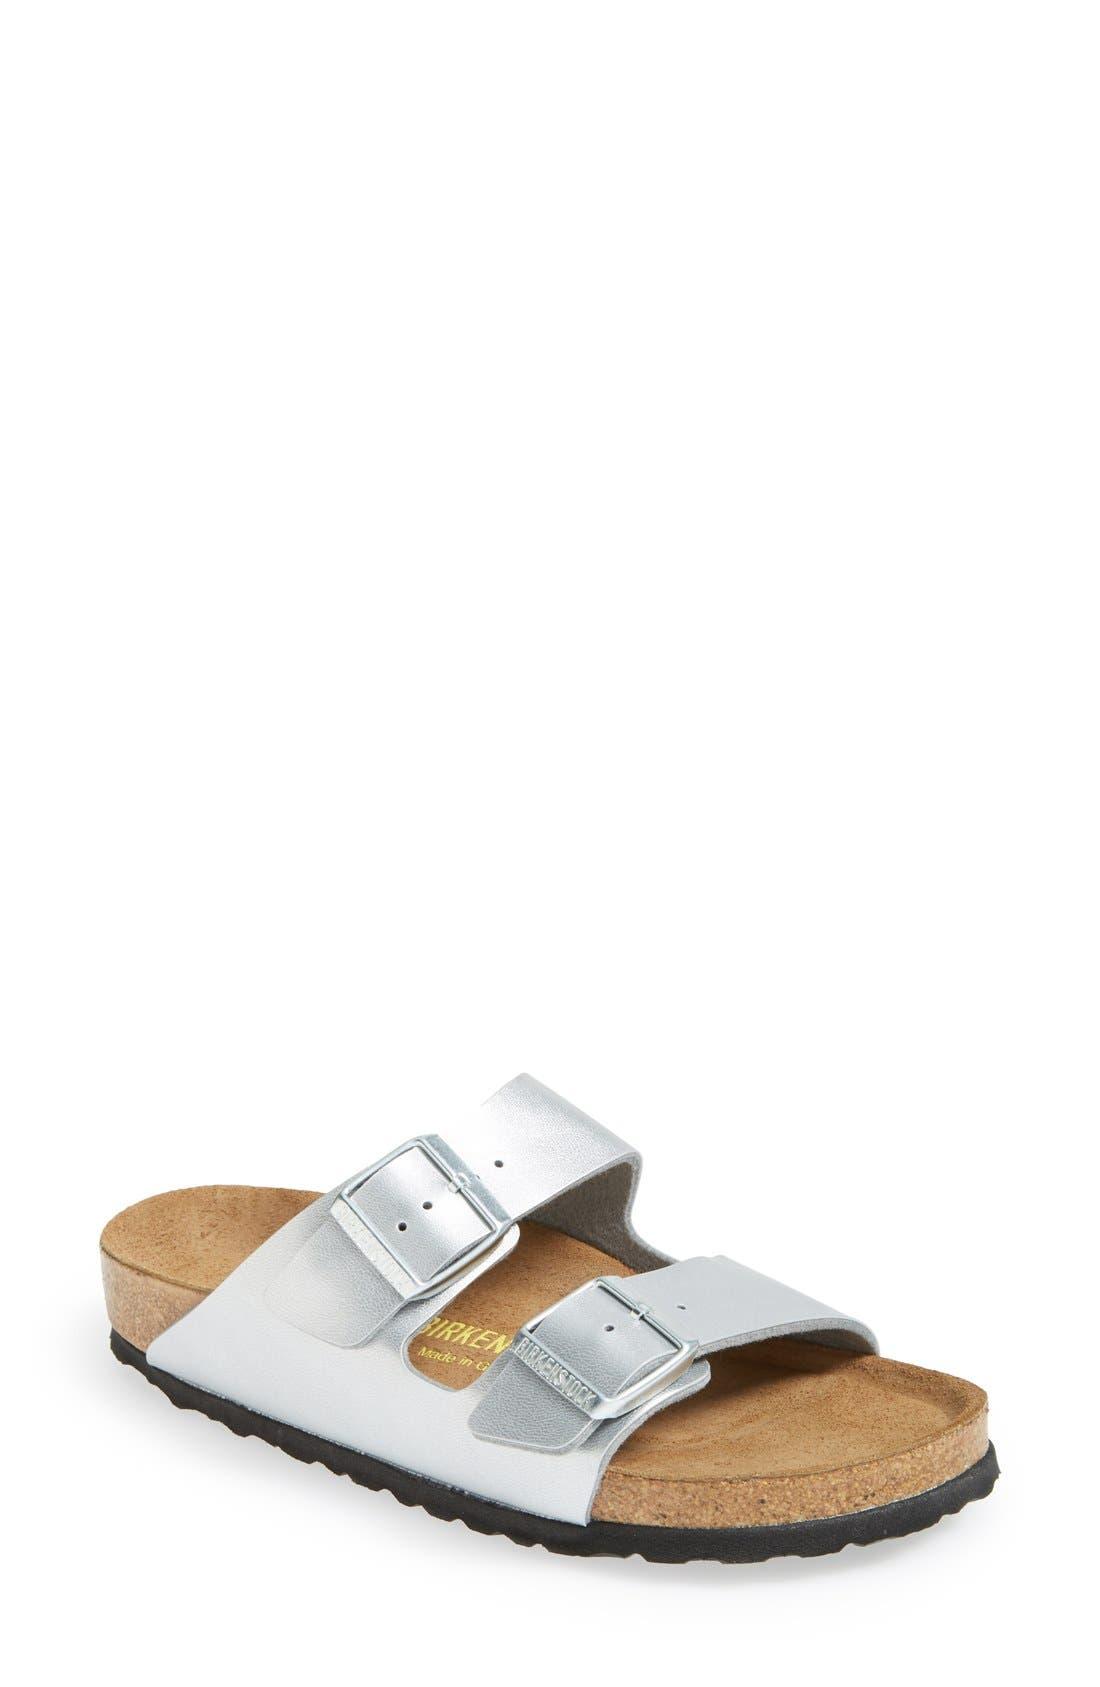 Alternate Image 1 Selected - Birkenstock 'Arizona Birko-Flor' Soft Footbed Sandal (Women)